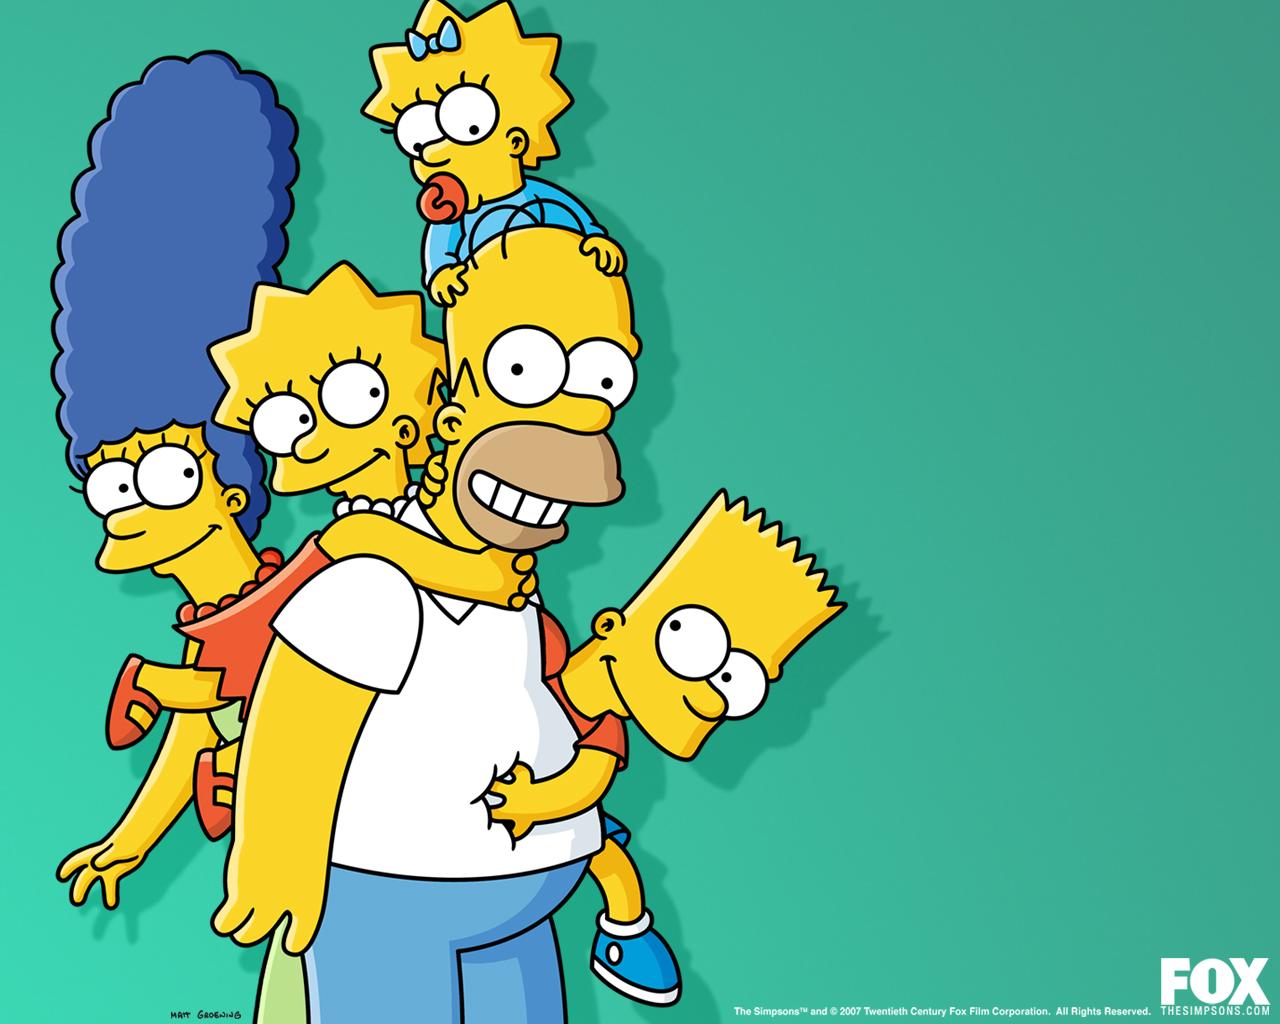 «Симпсоны». Ответы на главные вопросы сериала